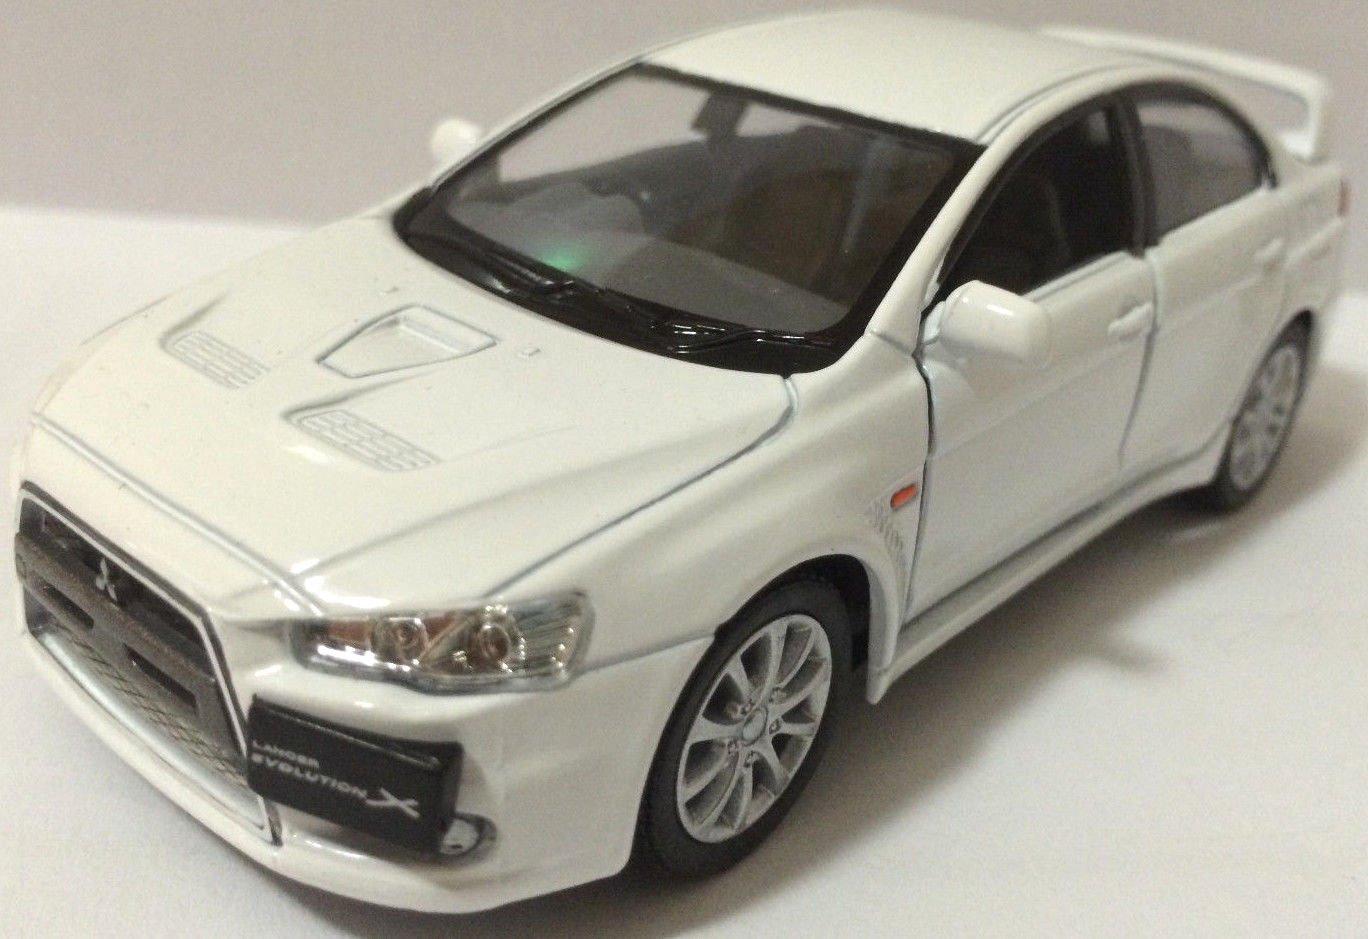 1 36 Scale 2008 Mitsubishi Lancer Evo Evolution X diecast CAR model 5WHITE